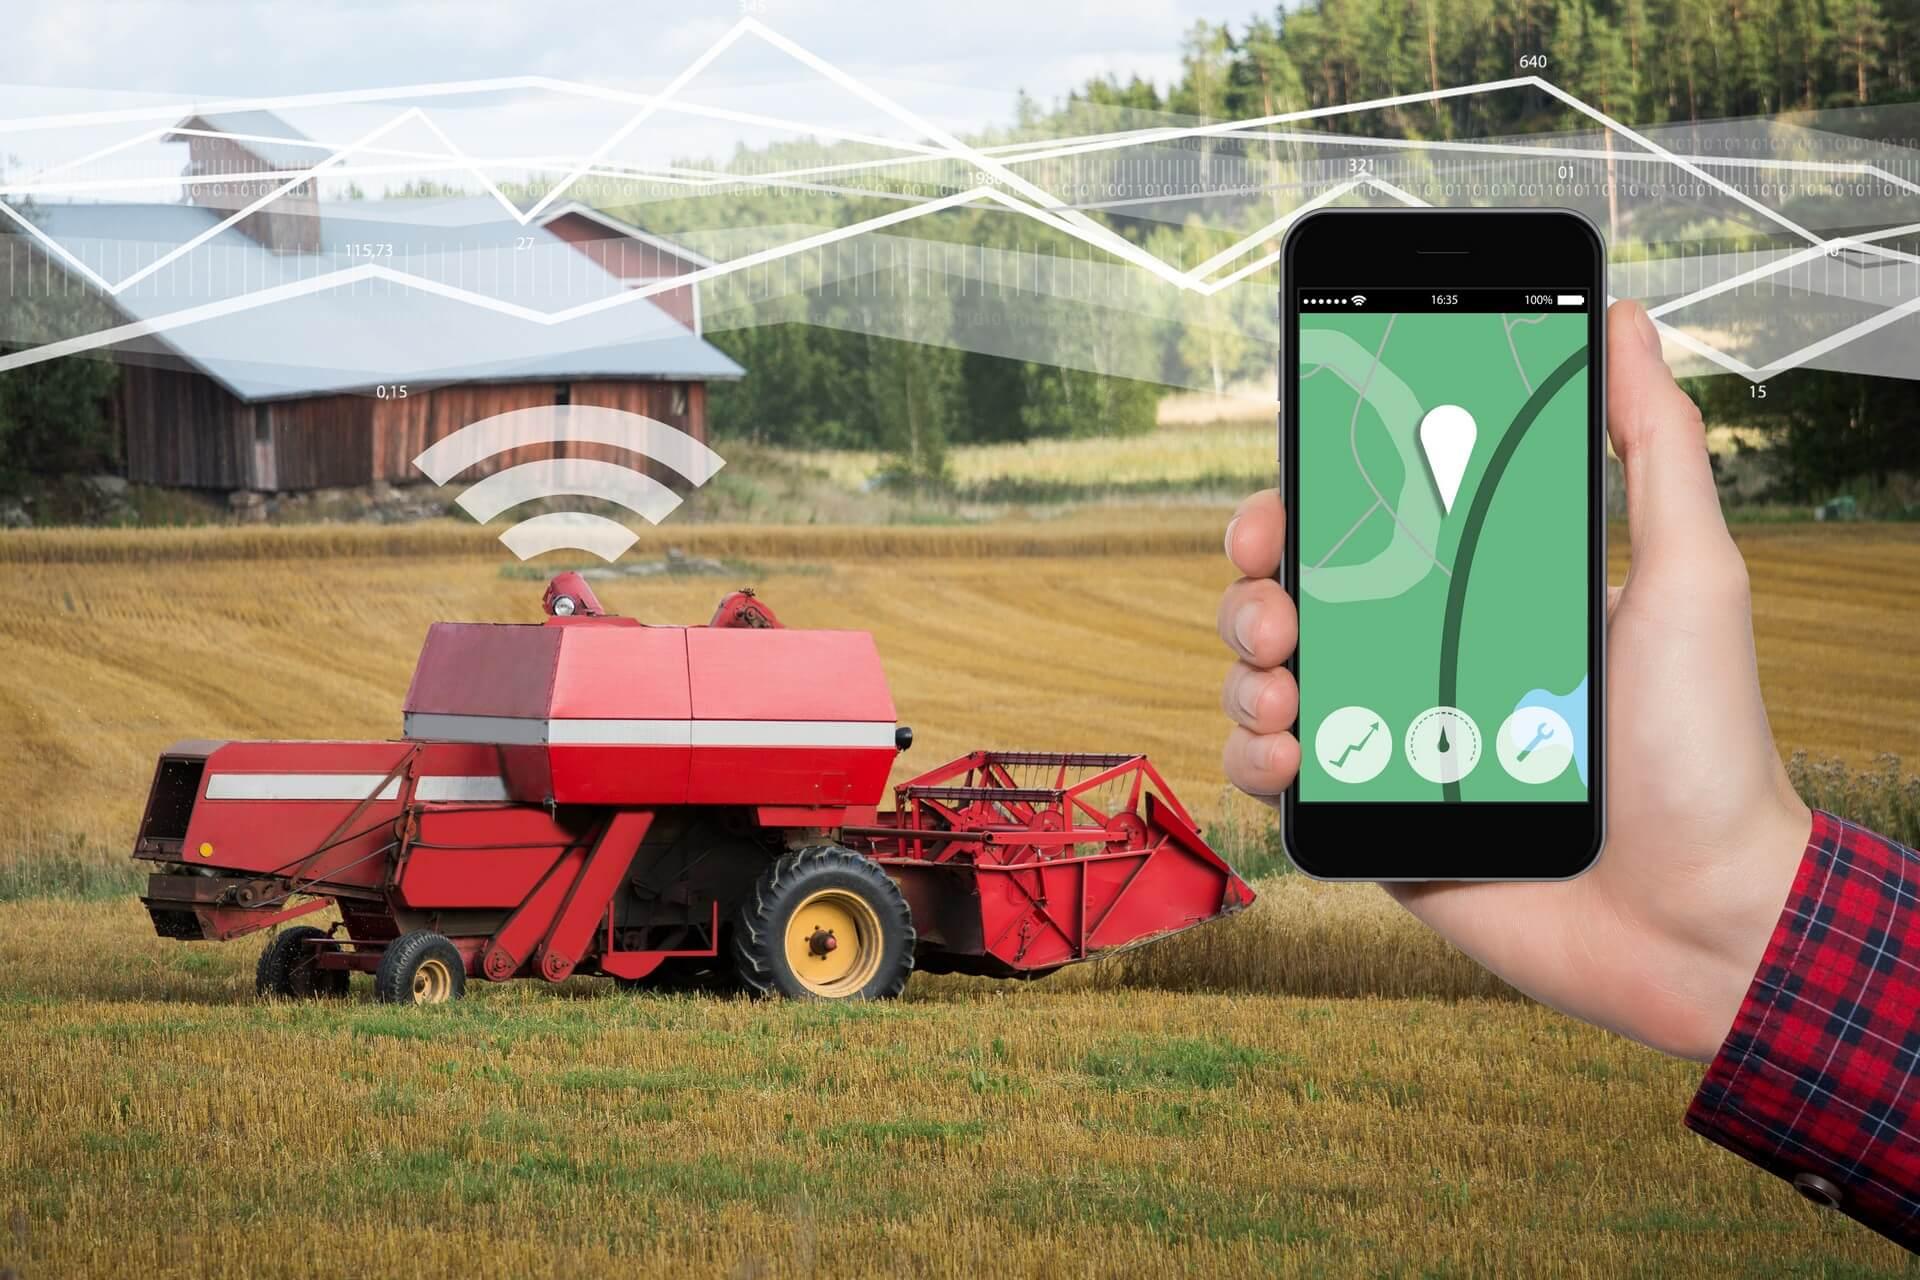 Kmetijska pridelava gre v smer robotizacije